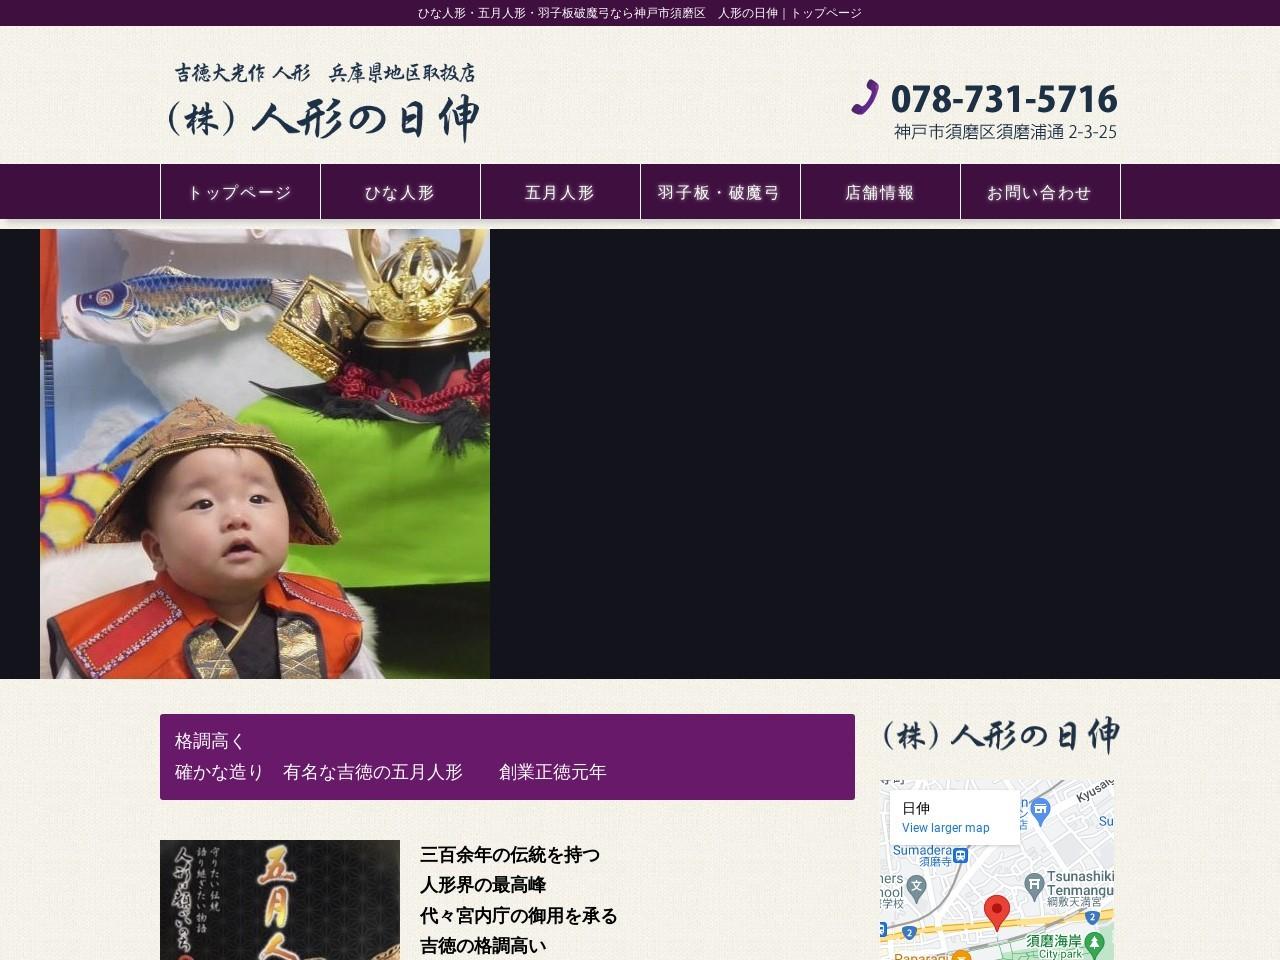 ひな人形・五月人形・羽子板破魔弓なら神戸市須磨区 人形の日伸|トップページ